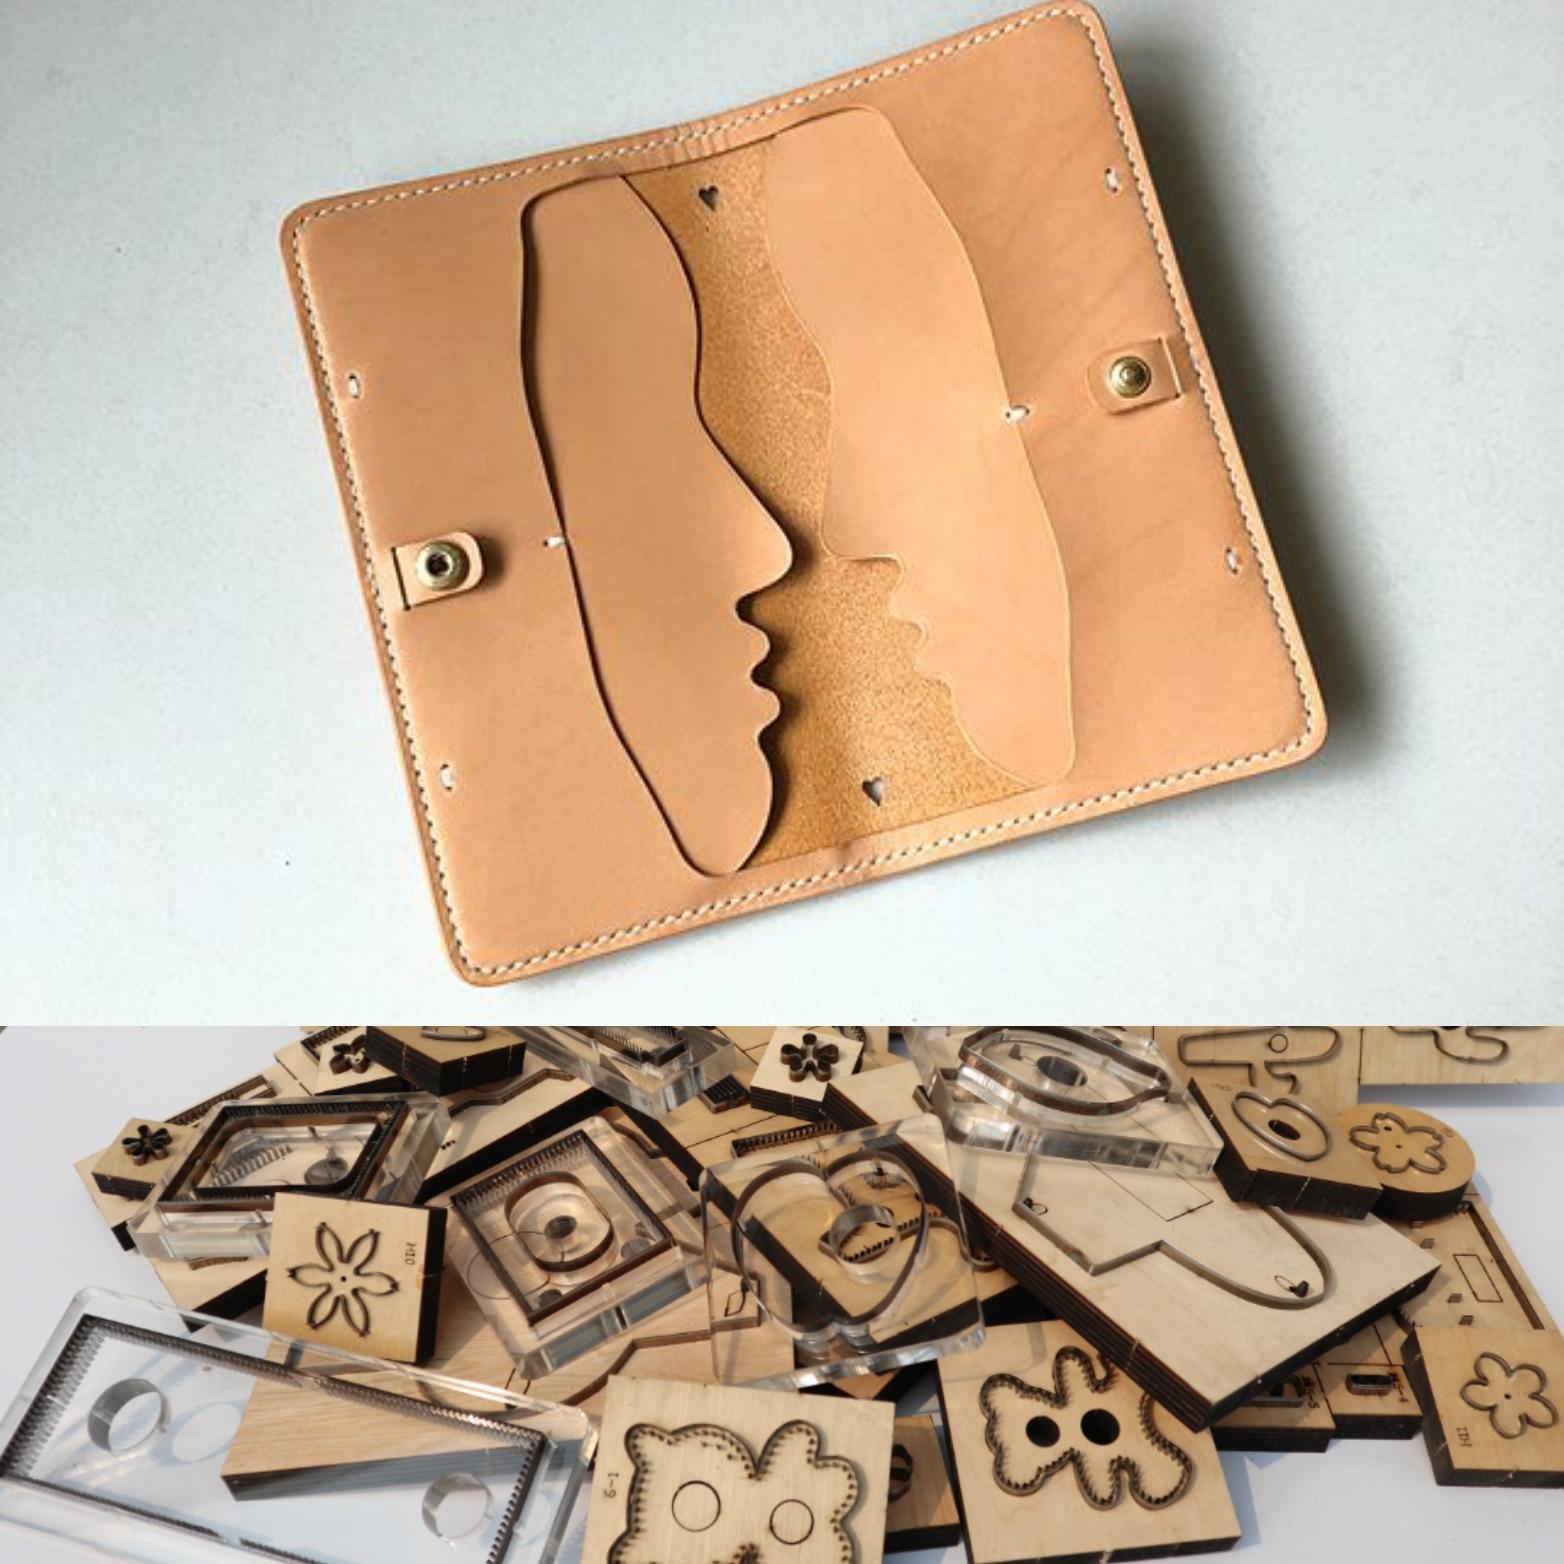 Cuir découpé pour artisanat cuir bricolage Valentine visage humain Long portefeuille découpe couteau moule creux perforateur Machine 200x95mm